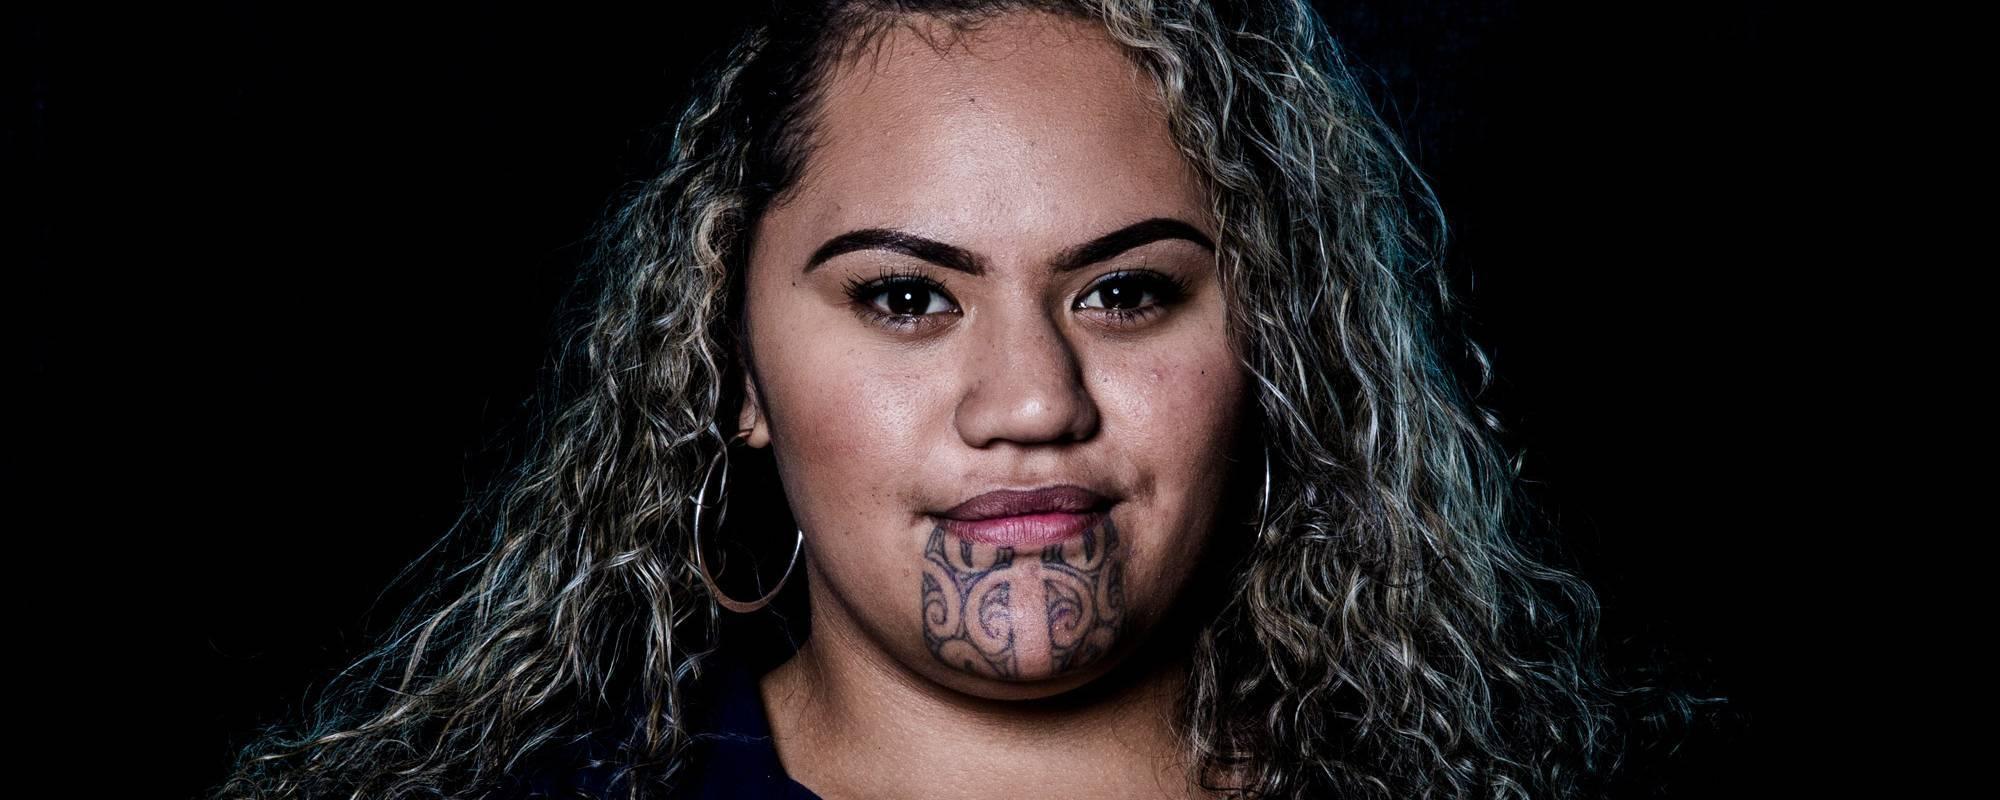 Des femmes maories nous parlent de leur tatouage facial , VICE